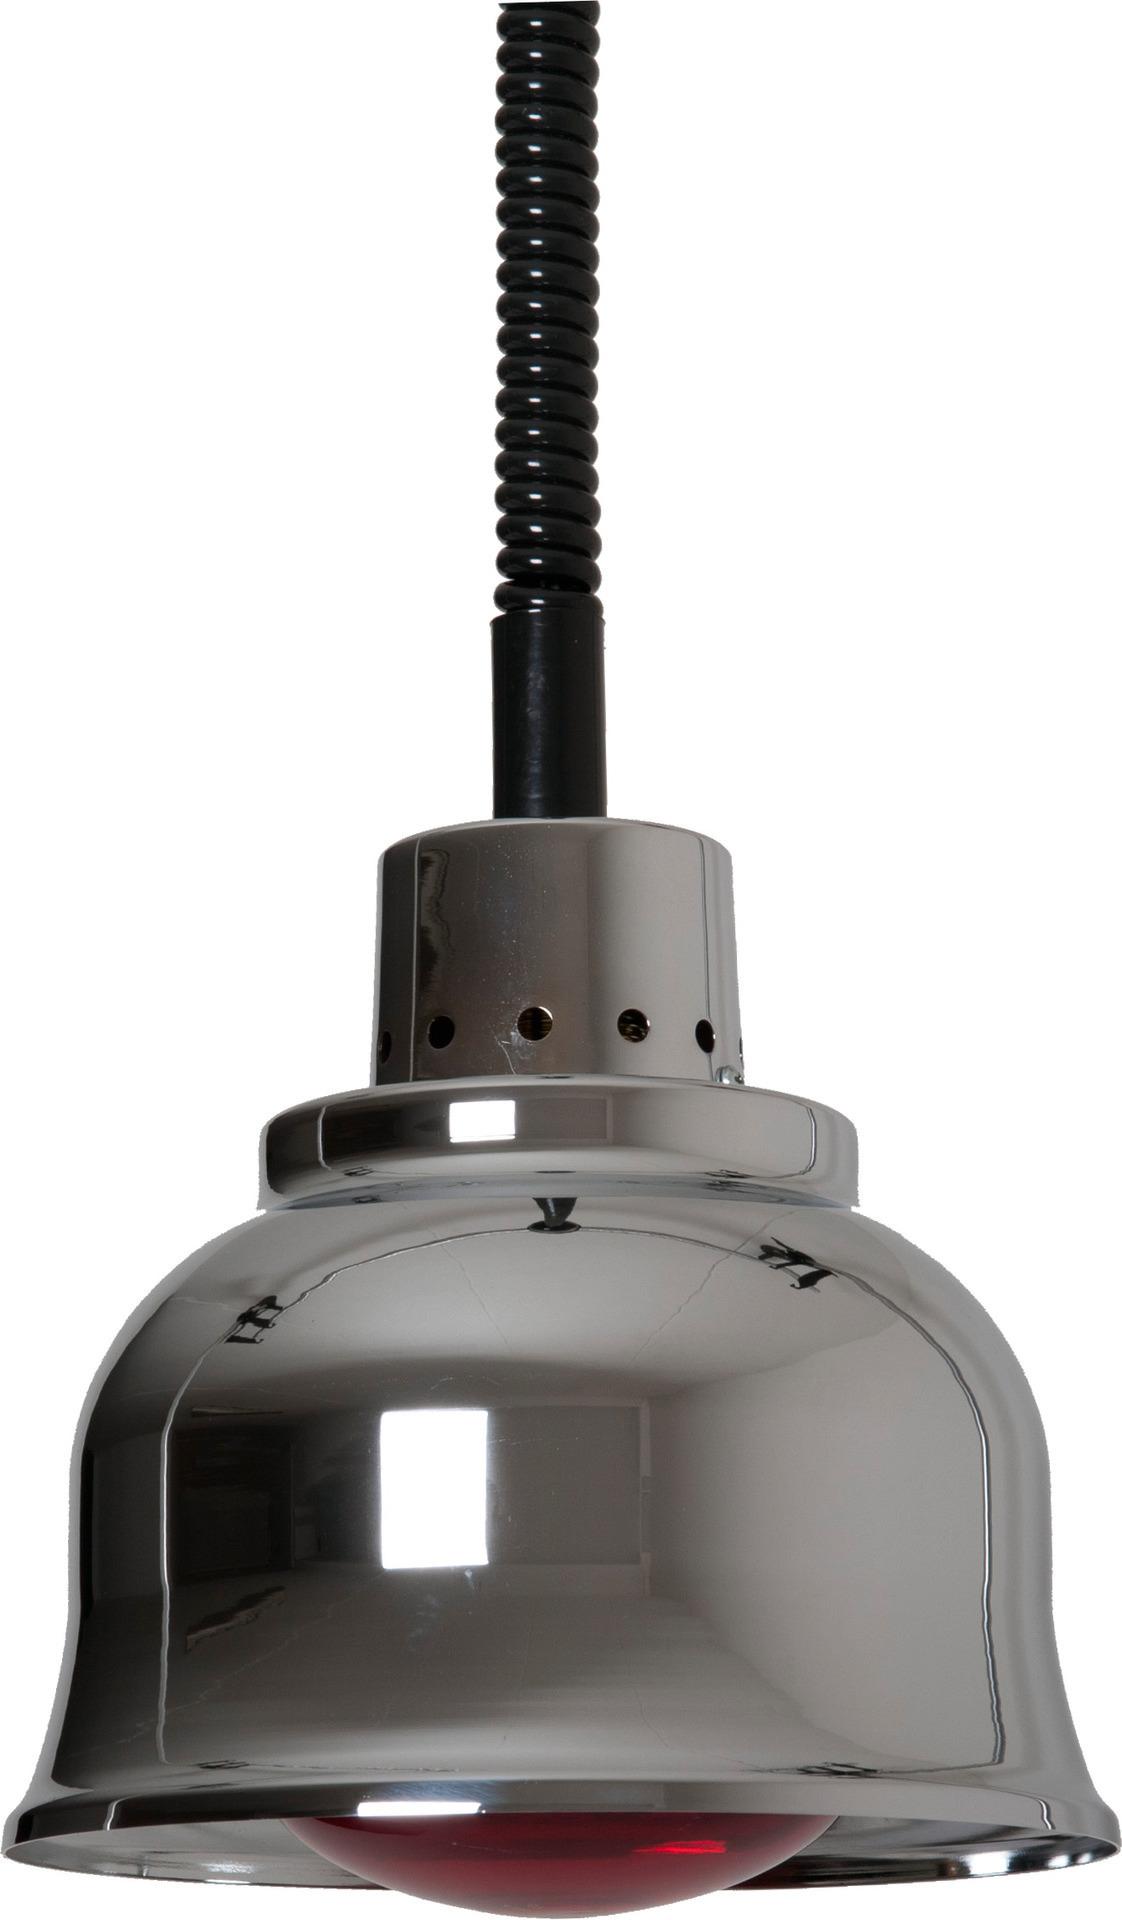 Wärmestrahler Chrom Infrarot 250 W ø 225 mm H 850-1900 mm